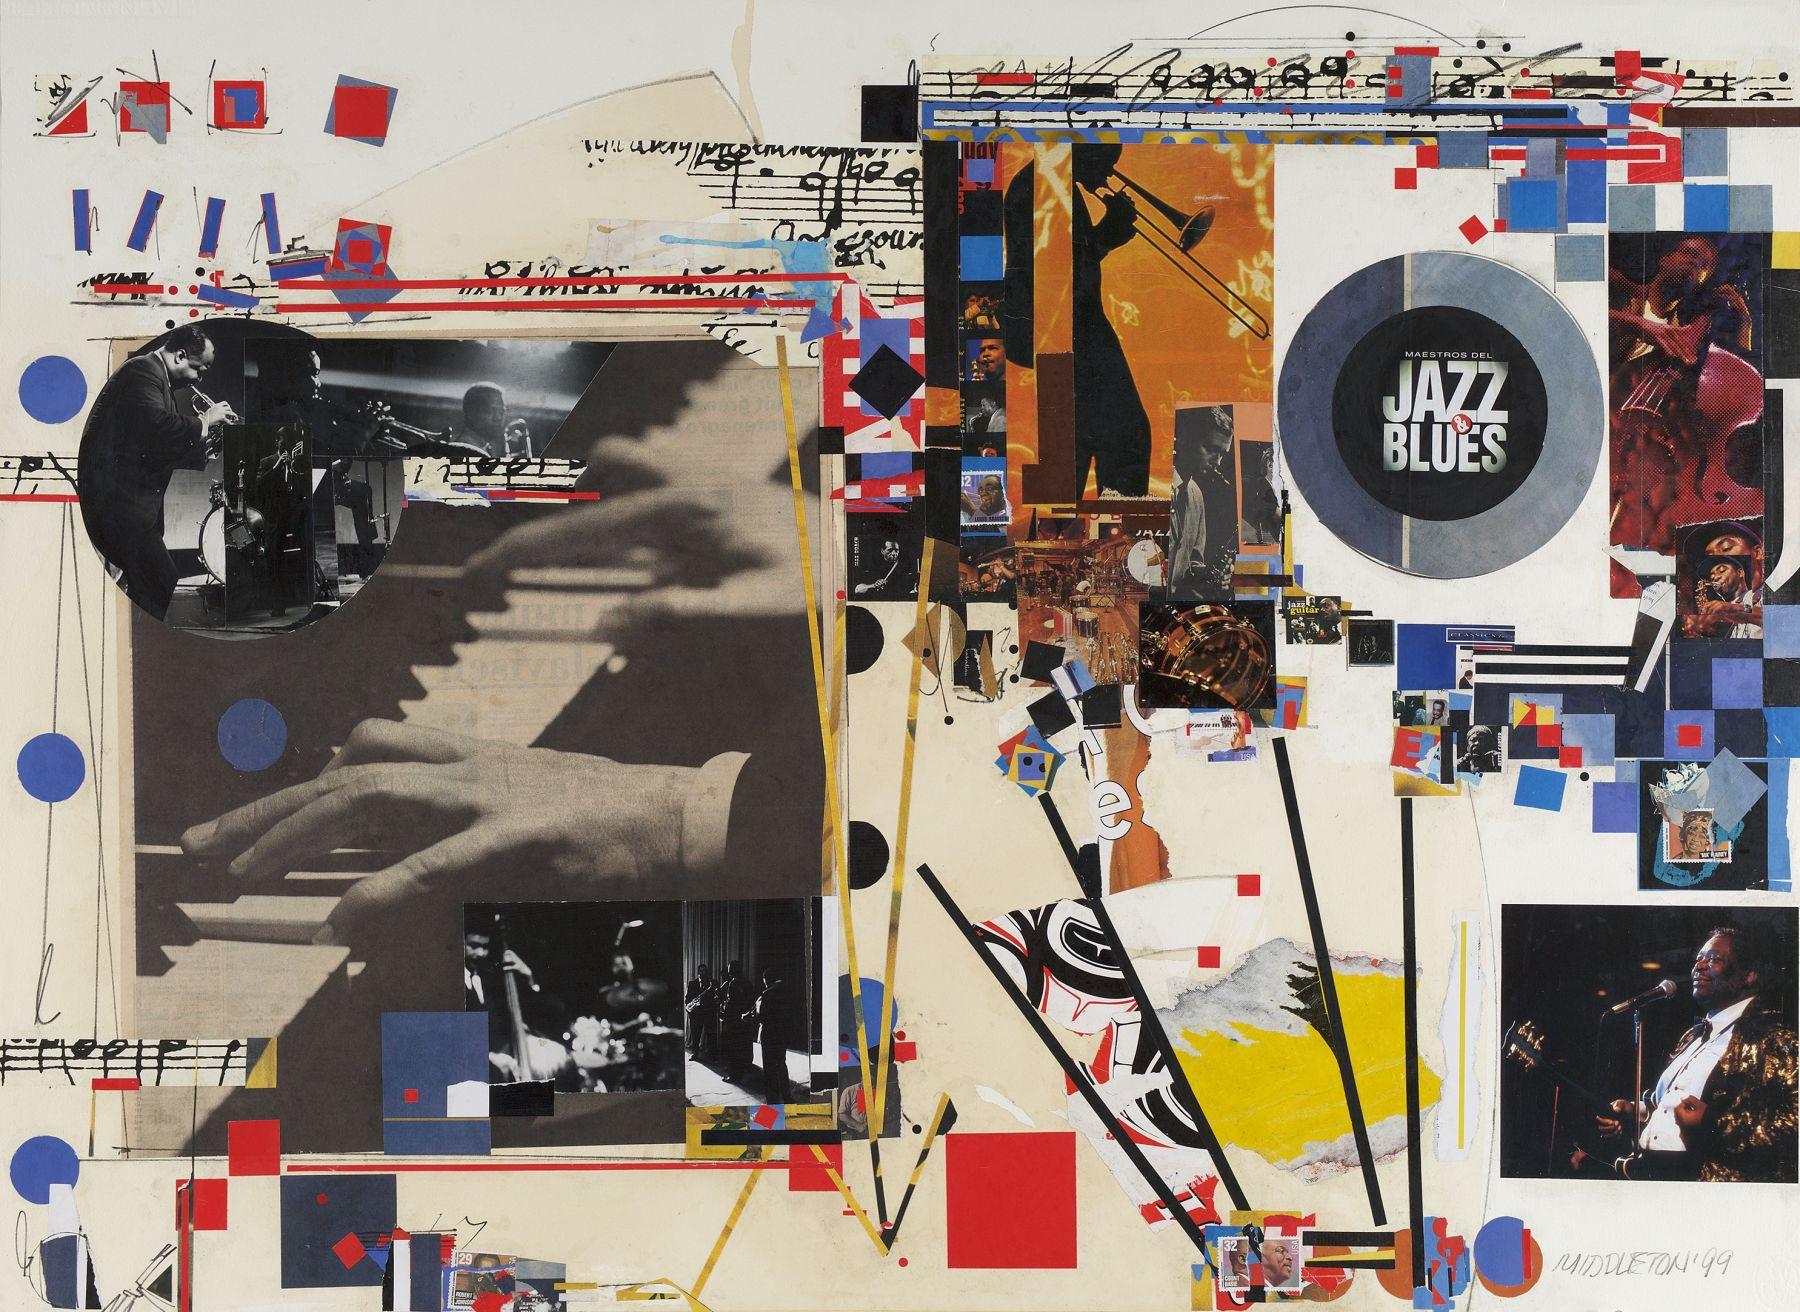 Sam Middleton, Maestros, 1999